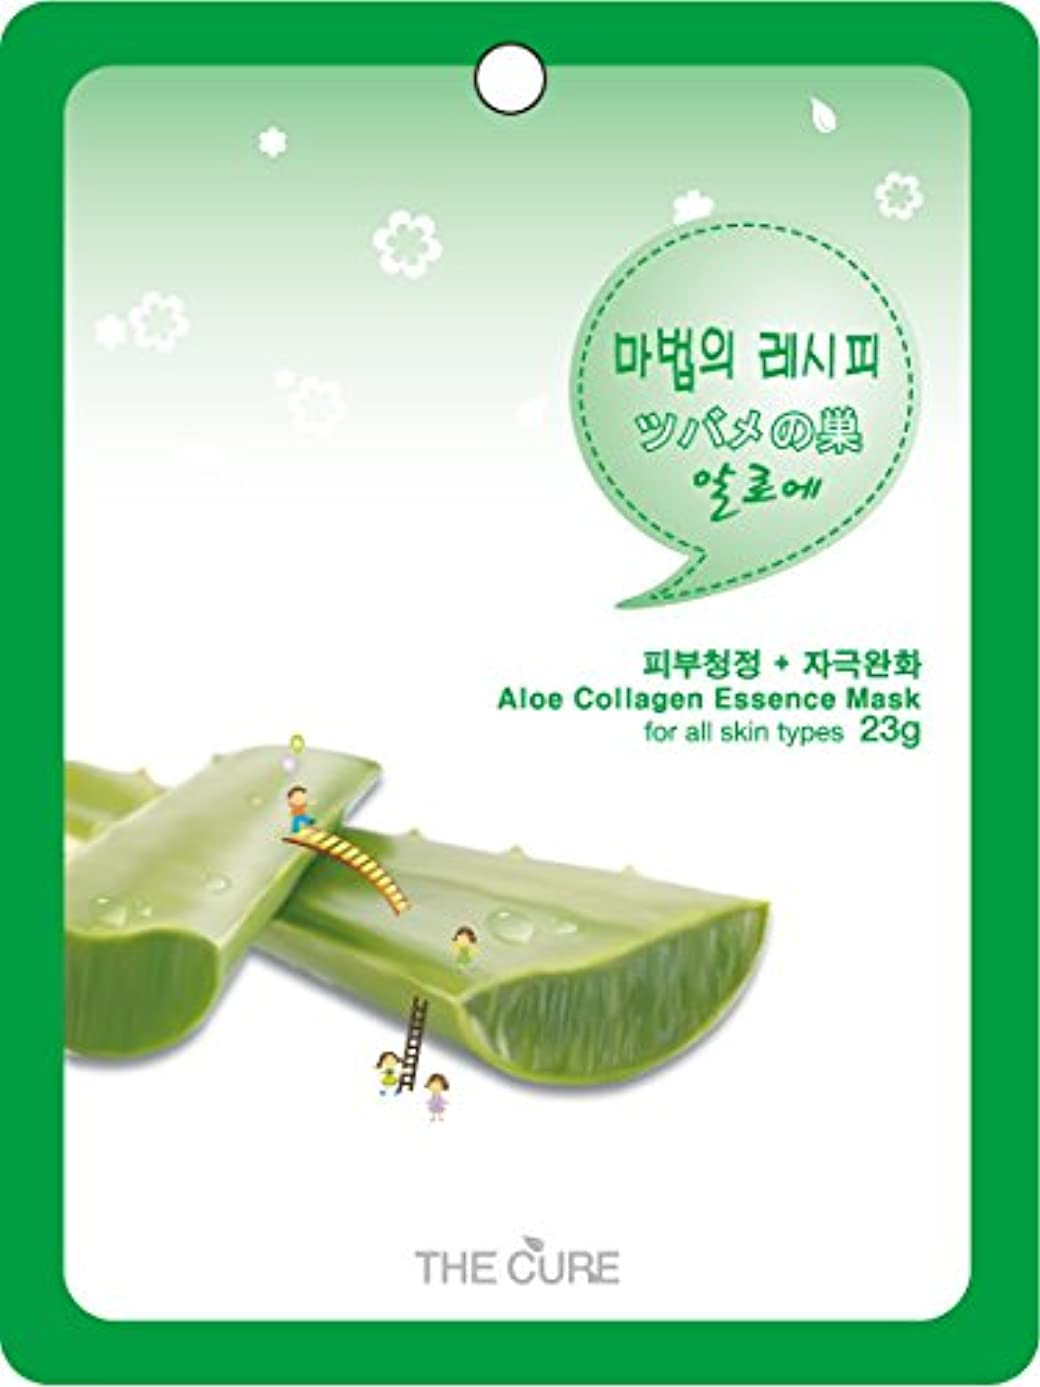 グリーンバックジャンクション振りかけるアロエ コラーゲン エッセンス マスク THE CURE シート パック 100枚セット 韓国 コスメ 乾燥肌 オイリー肌 混合肌